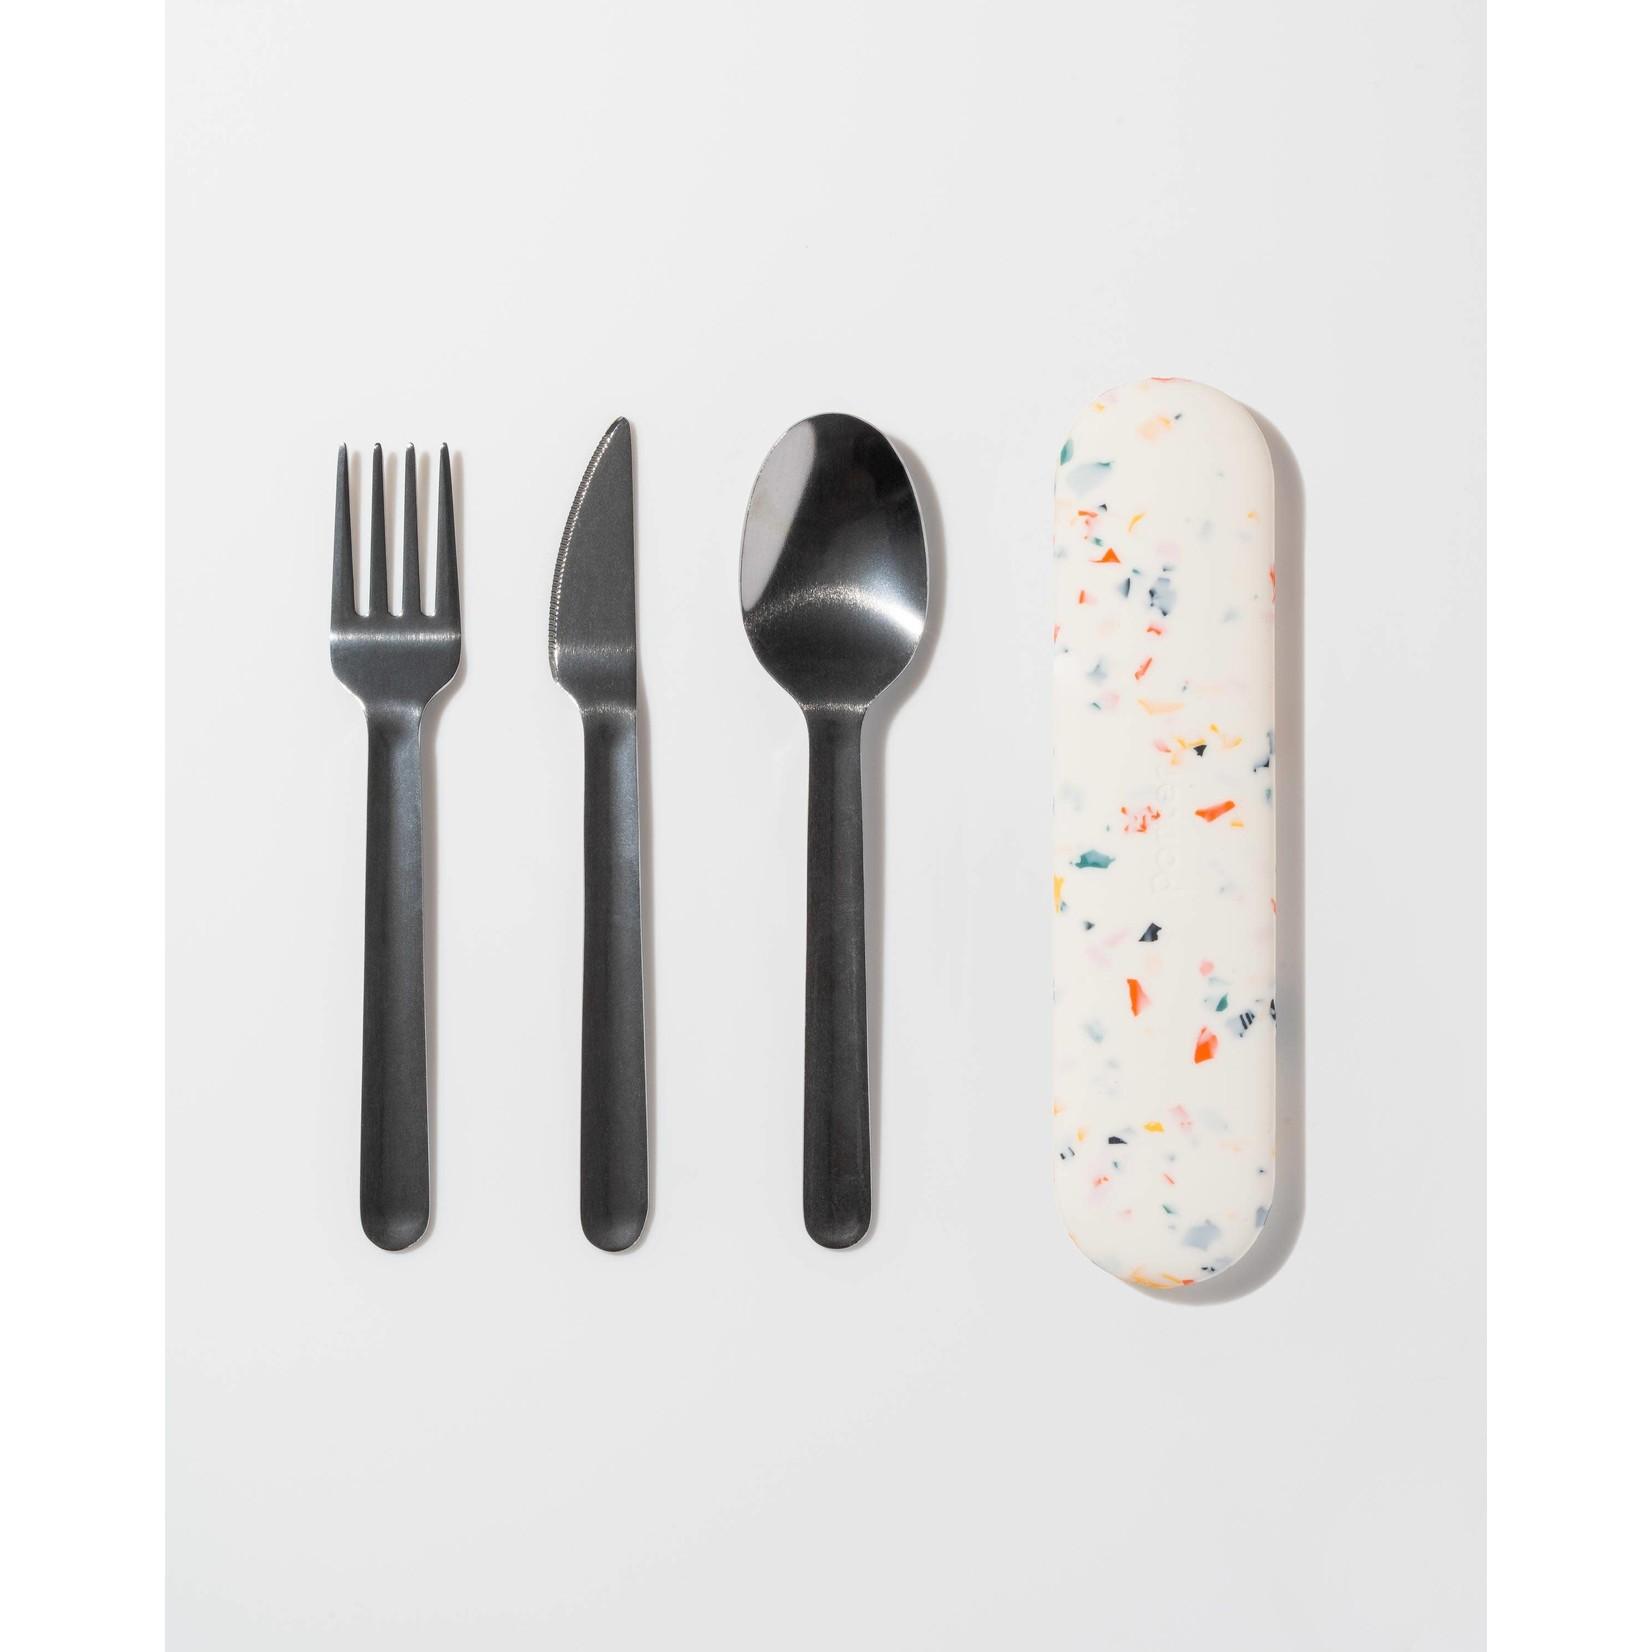 W & P Designs Utensils To Go in Terrazzo Cream